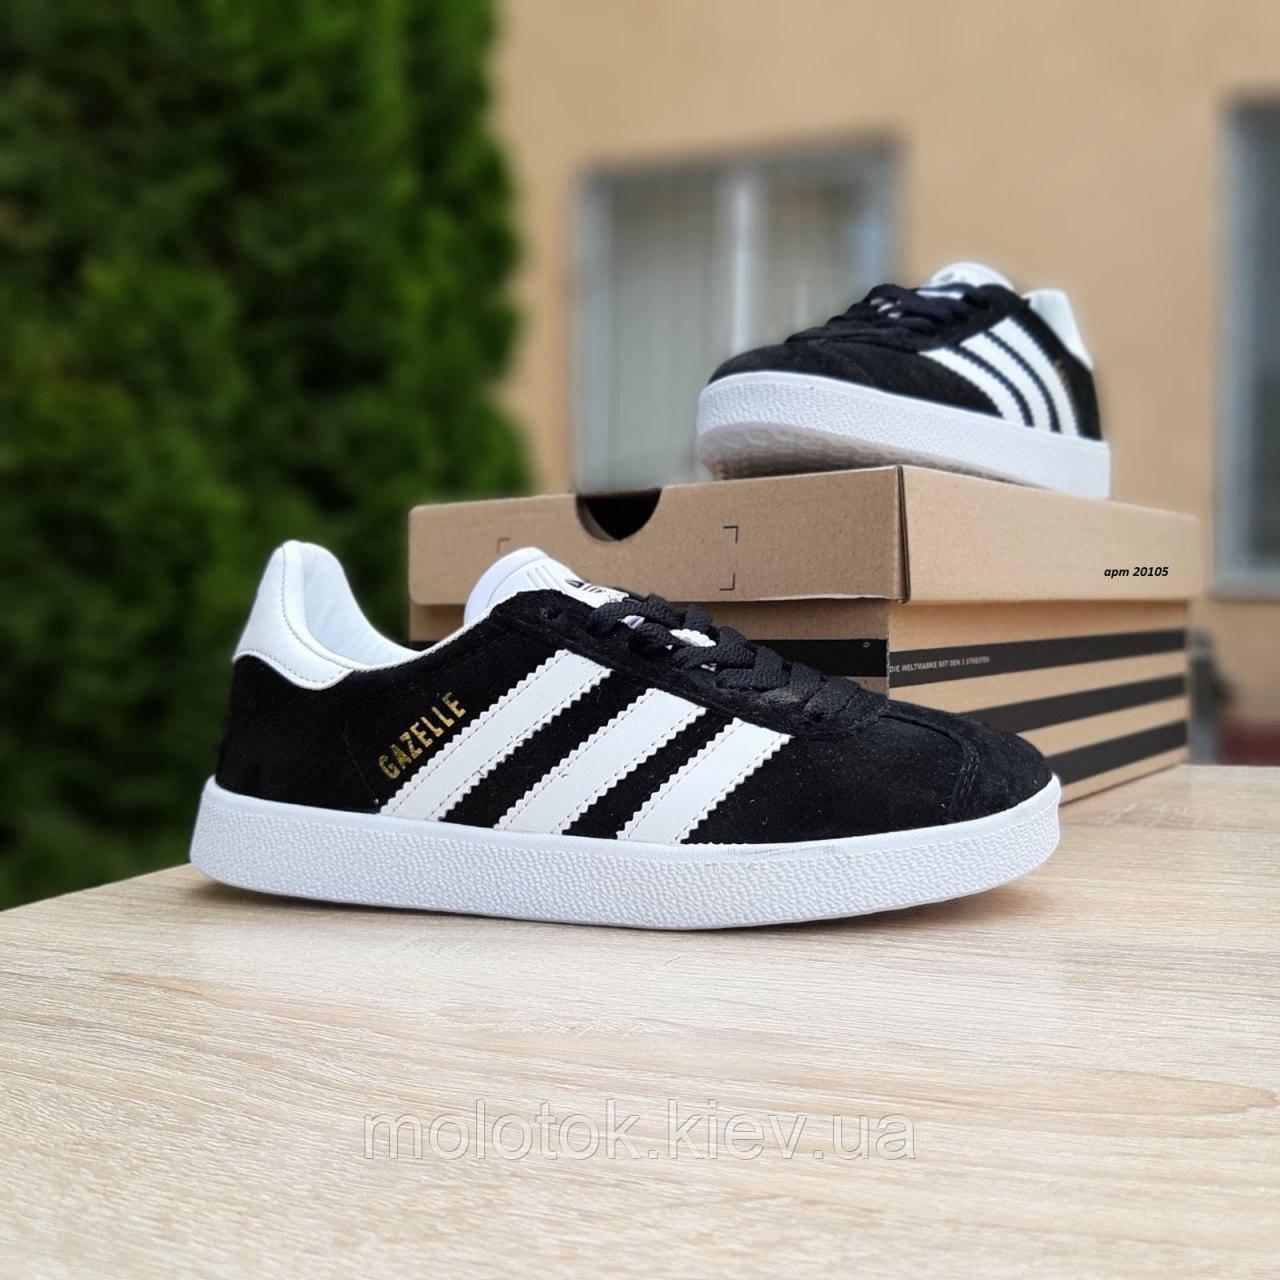 Женские кроссовки в стиле Adidas Gazelle черные с белым